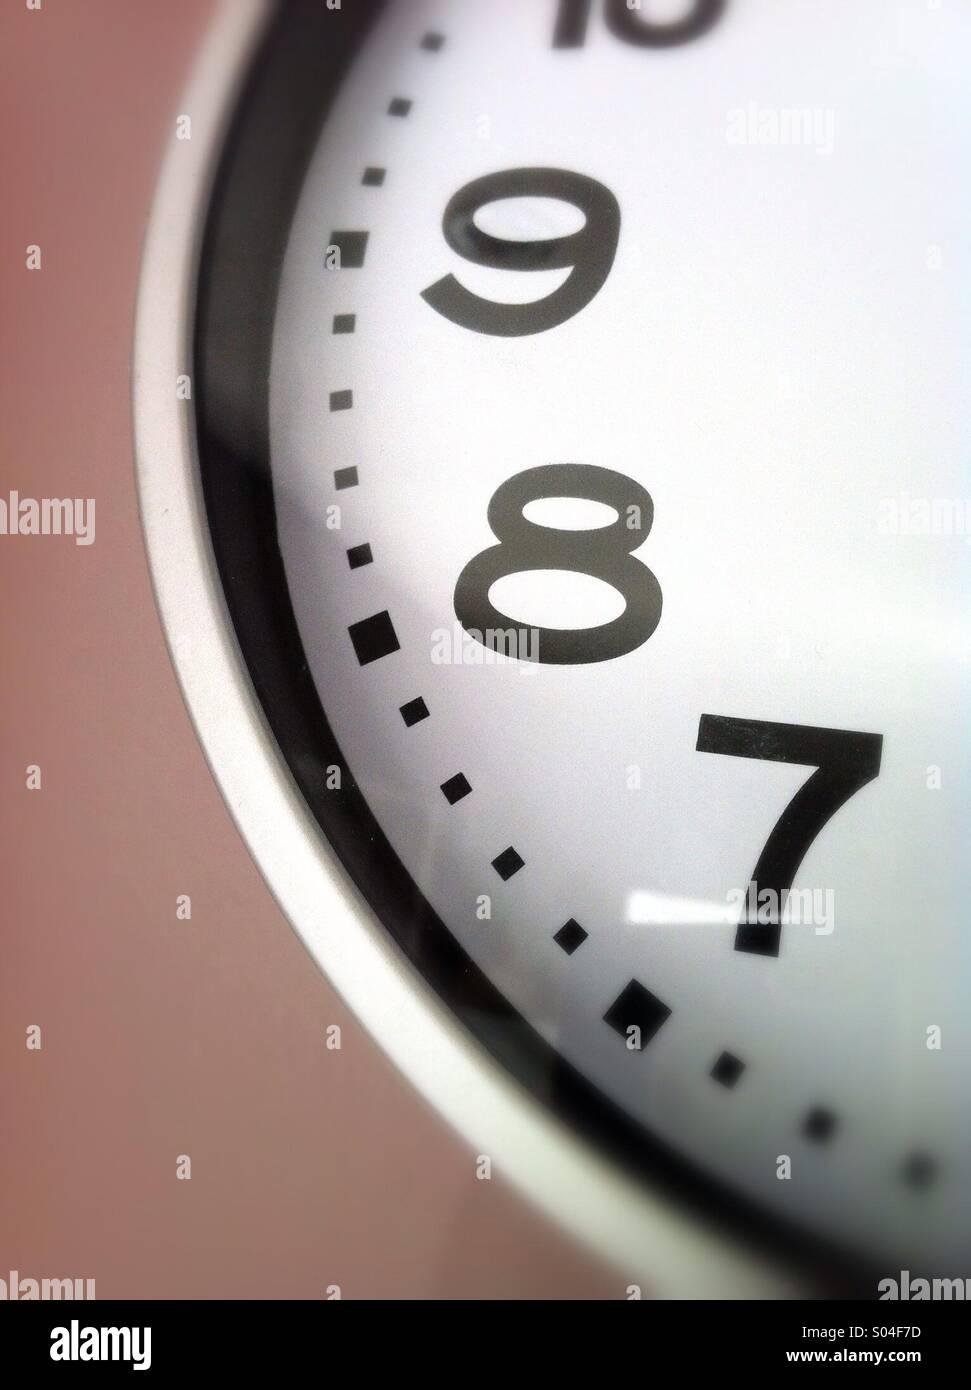 Les numéros 7, 8, 9 sur l'horloge Photo Stock